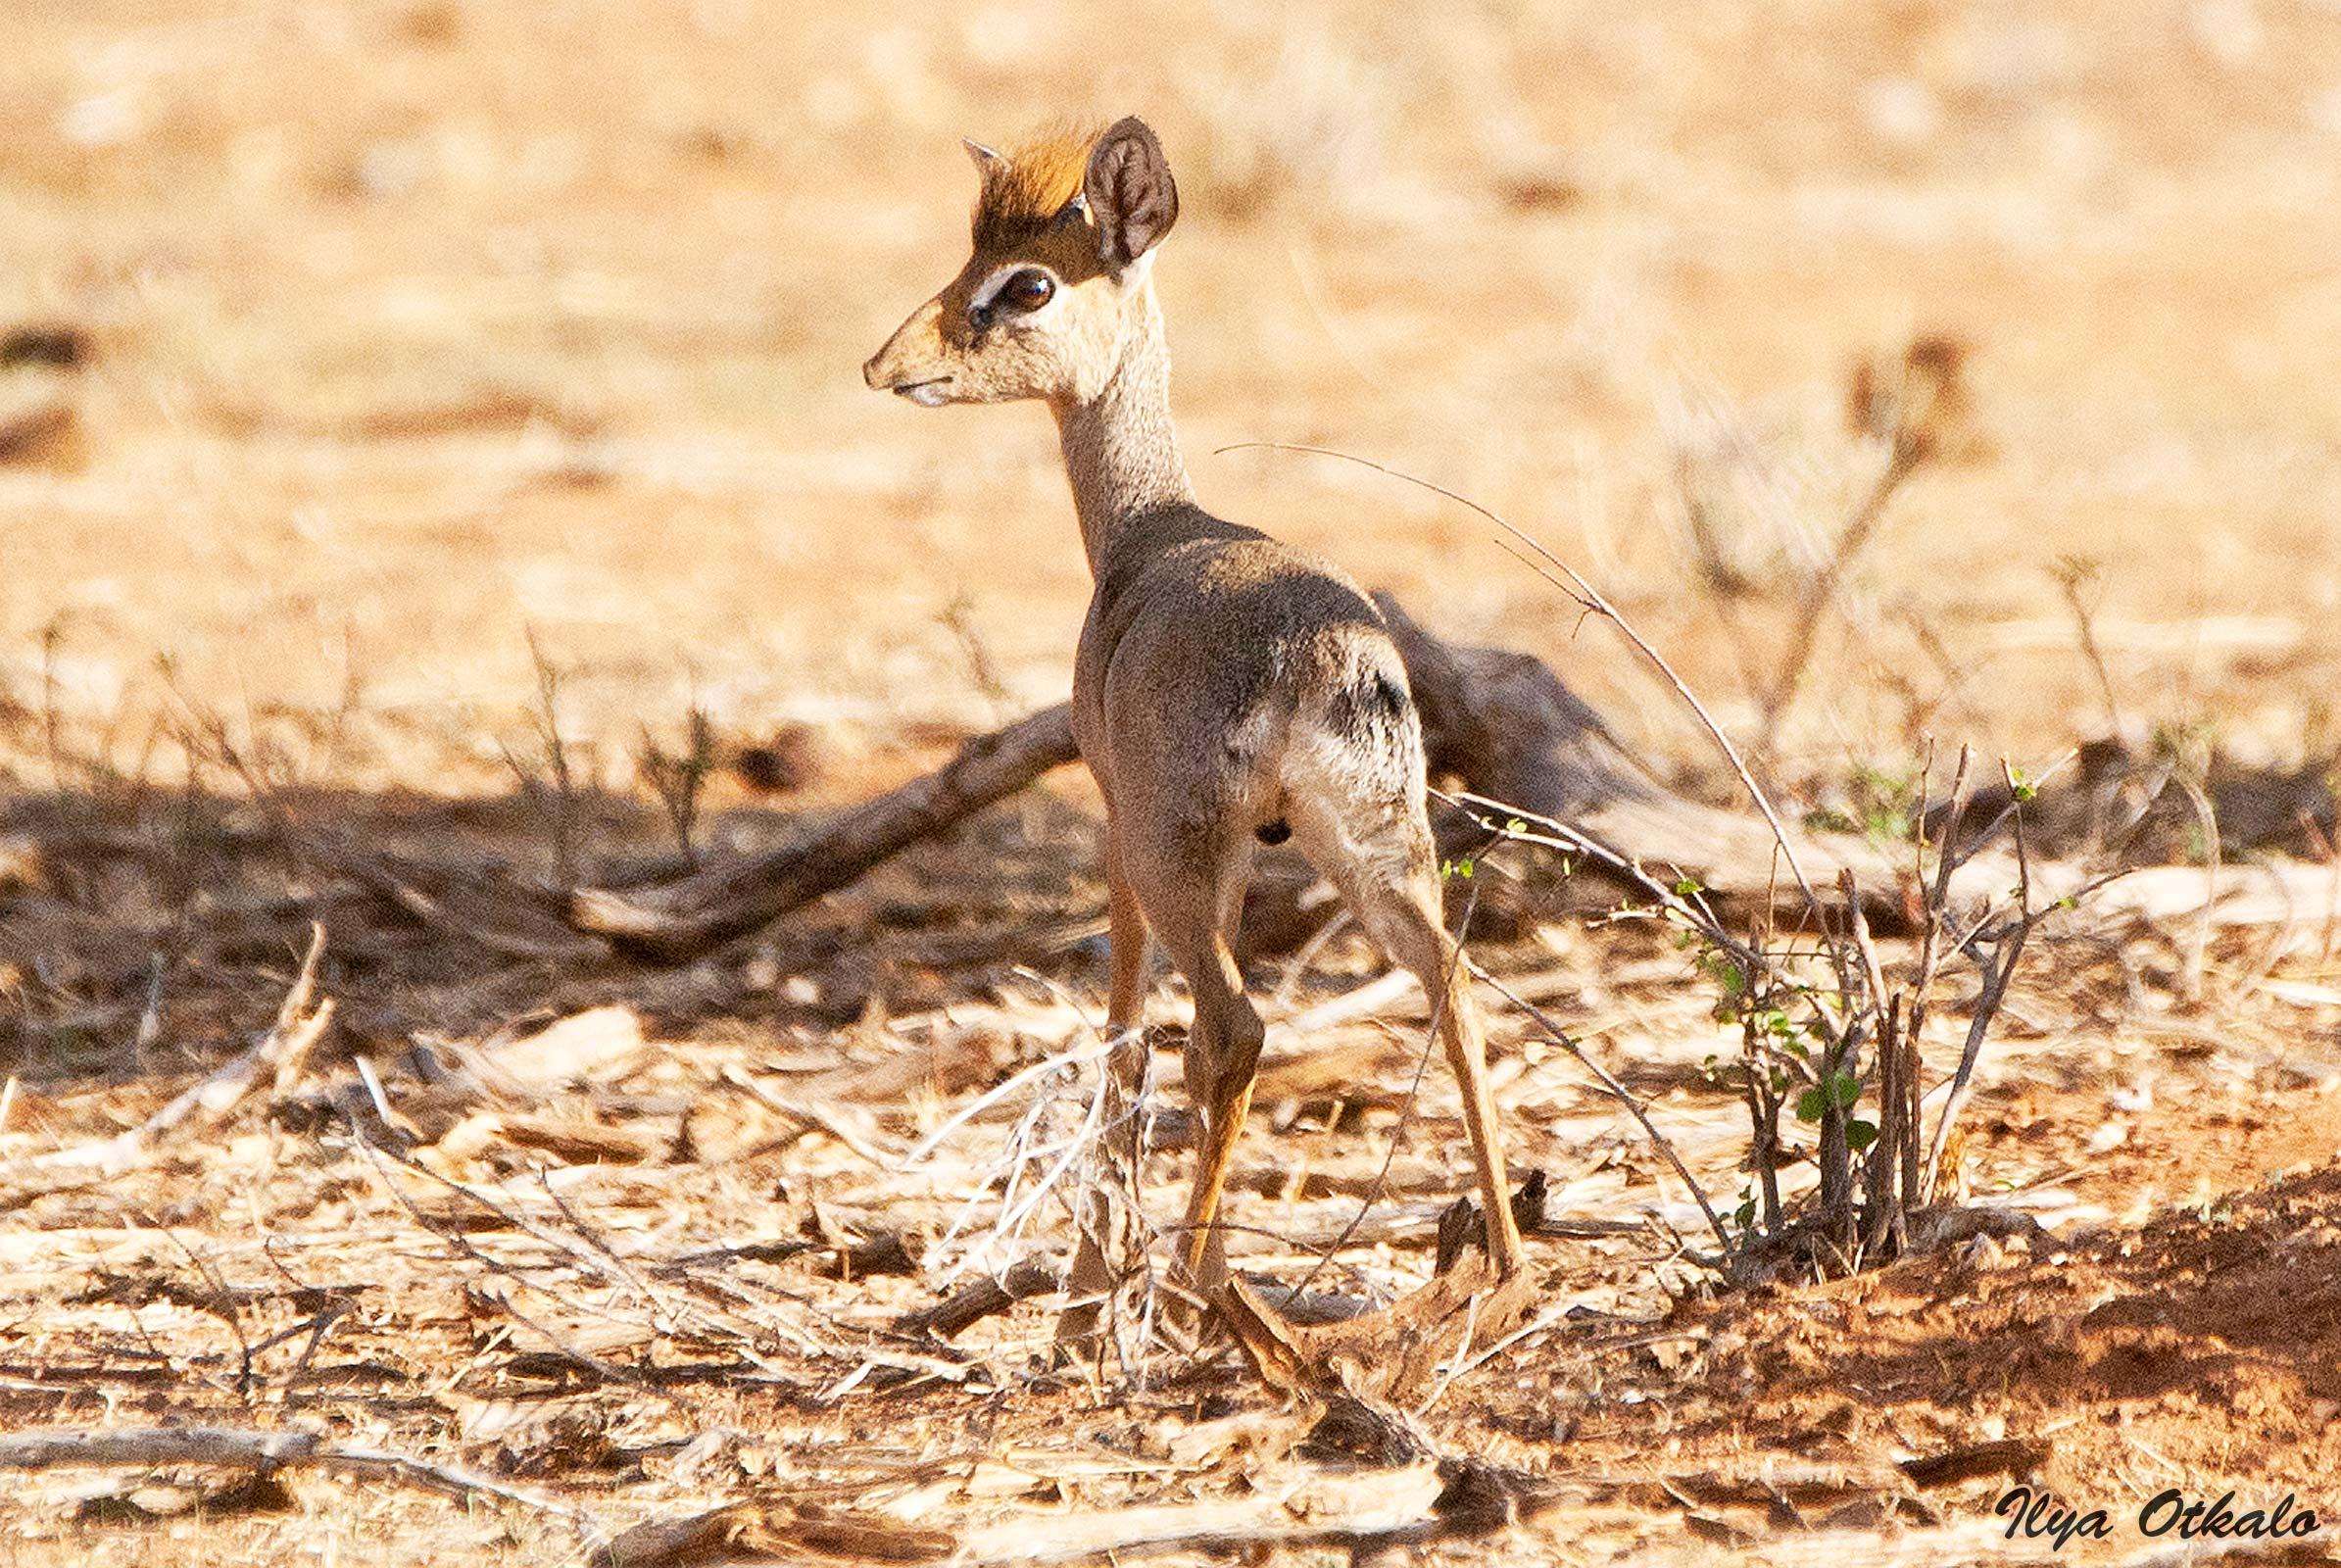 Кения, Национальный парк - заповедник Самбуру. Антилопа Дик-Дик.